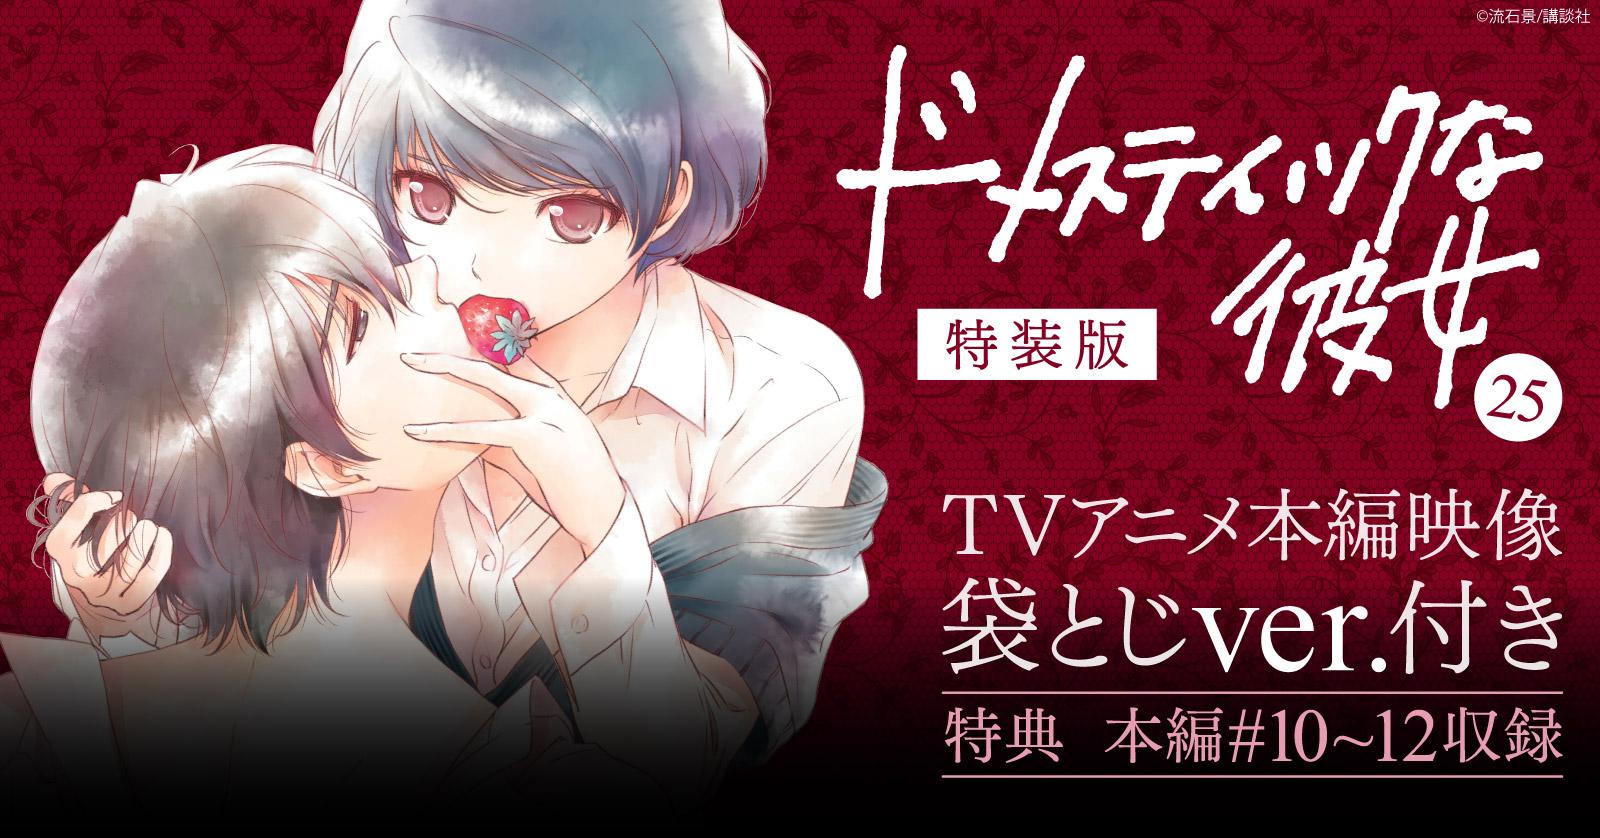 ドメスティックな彼女 特装版 TVアニメ本編映像袋とじVer.付き